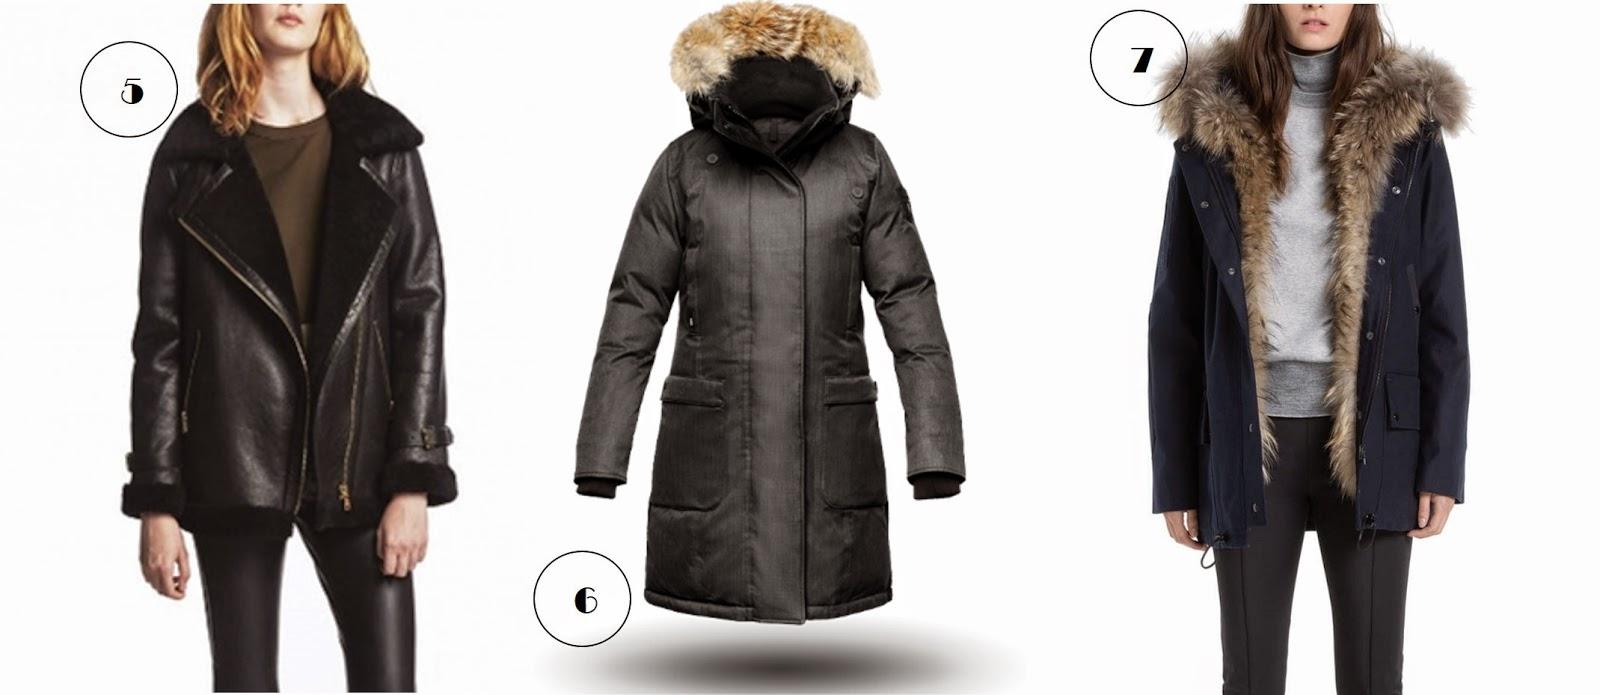 Manteau peau lainée retournée Claudie Pierlot, Doudoune Nobis Canada goose(je suis fan), Parka à fourrure Miranda Sandro